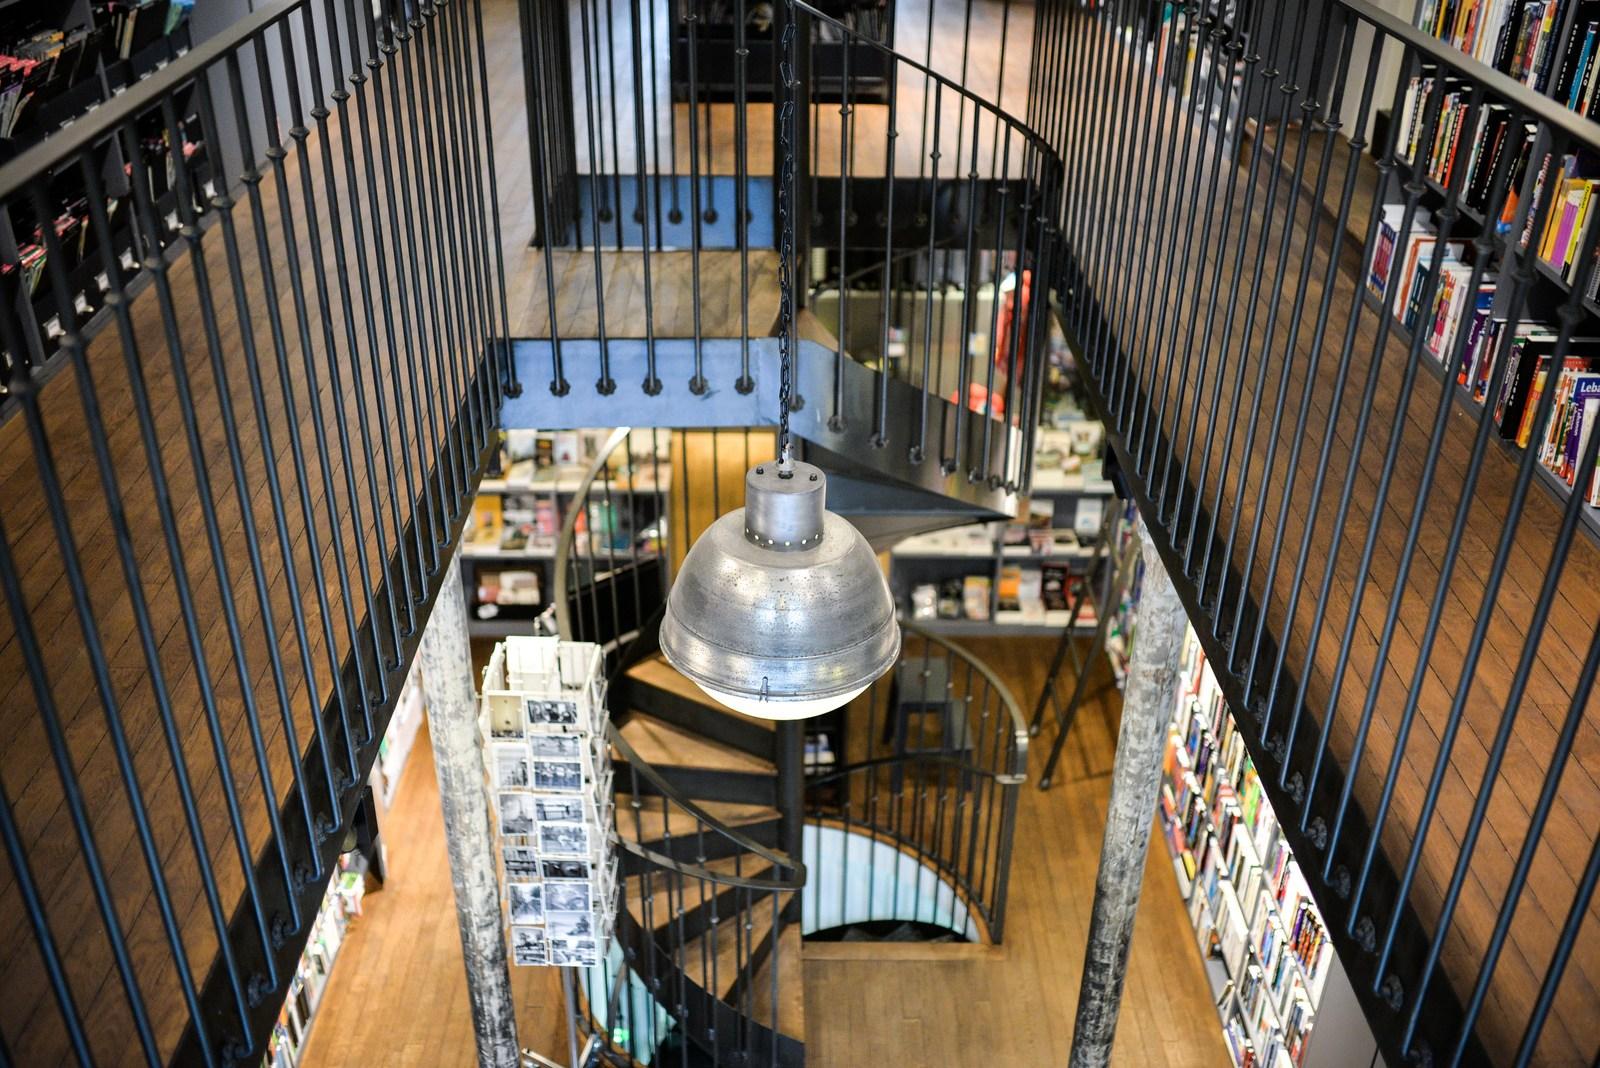 Vue sur le rez de chauss e la librairie voyageurs du monde en france - Rez de chaussee paris ...